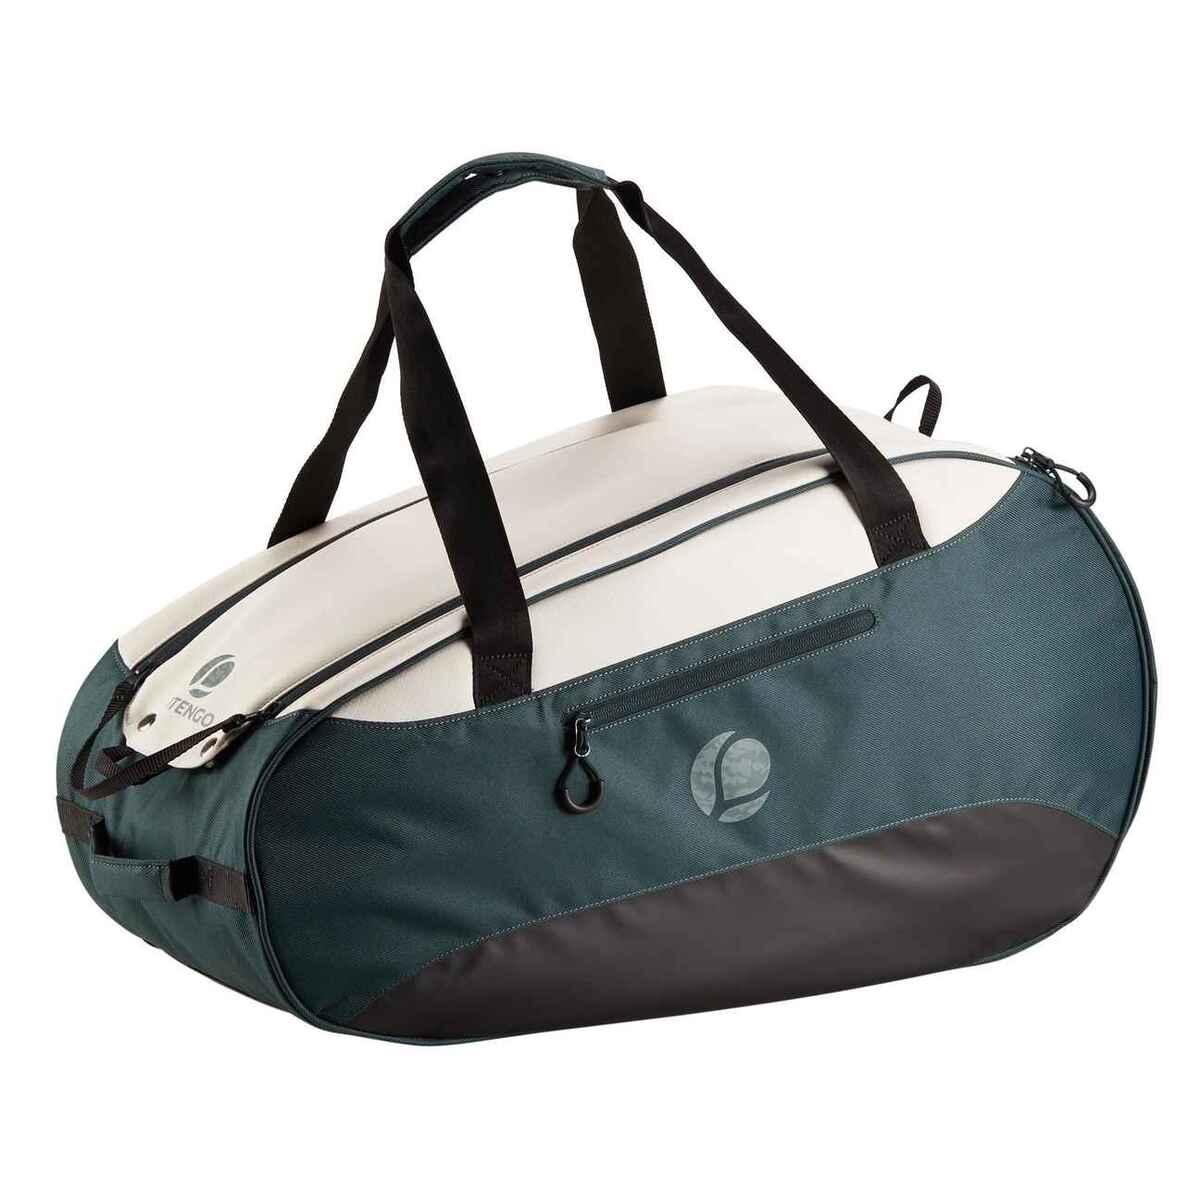 Bild 1 von Tennistasche 500 S khaki/weiß